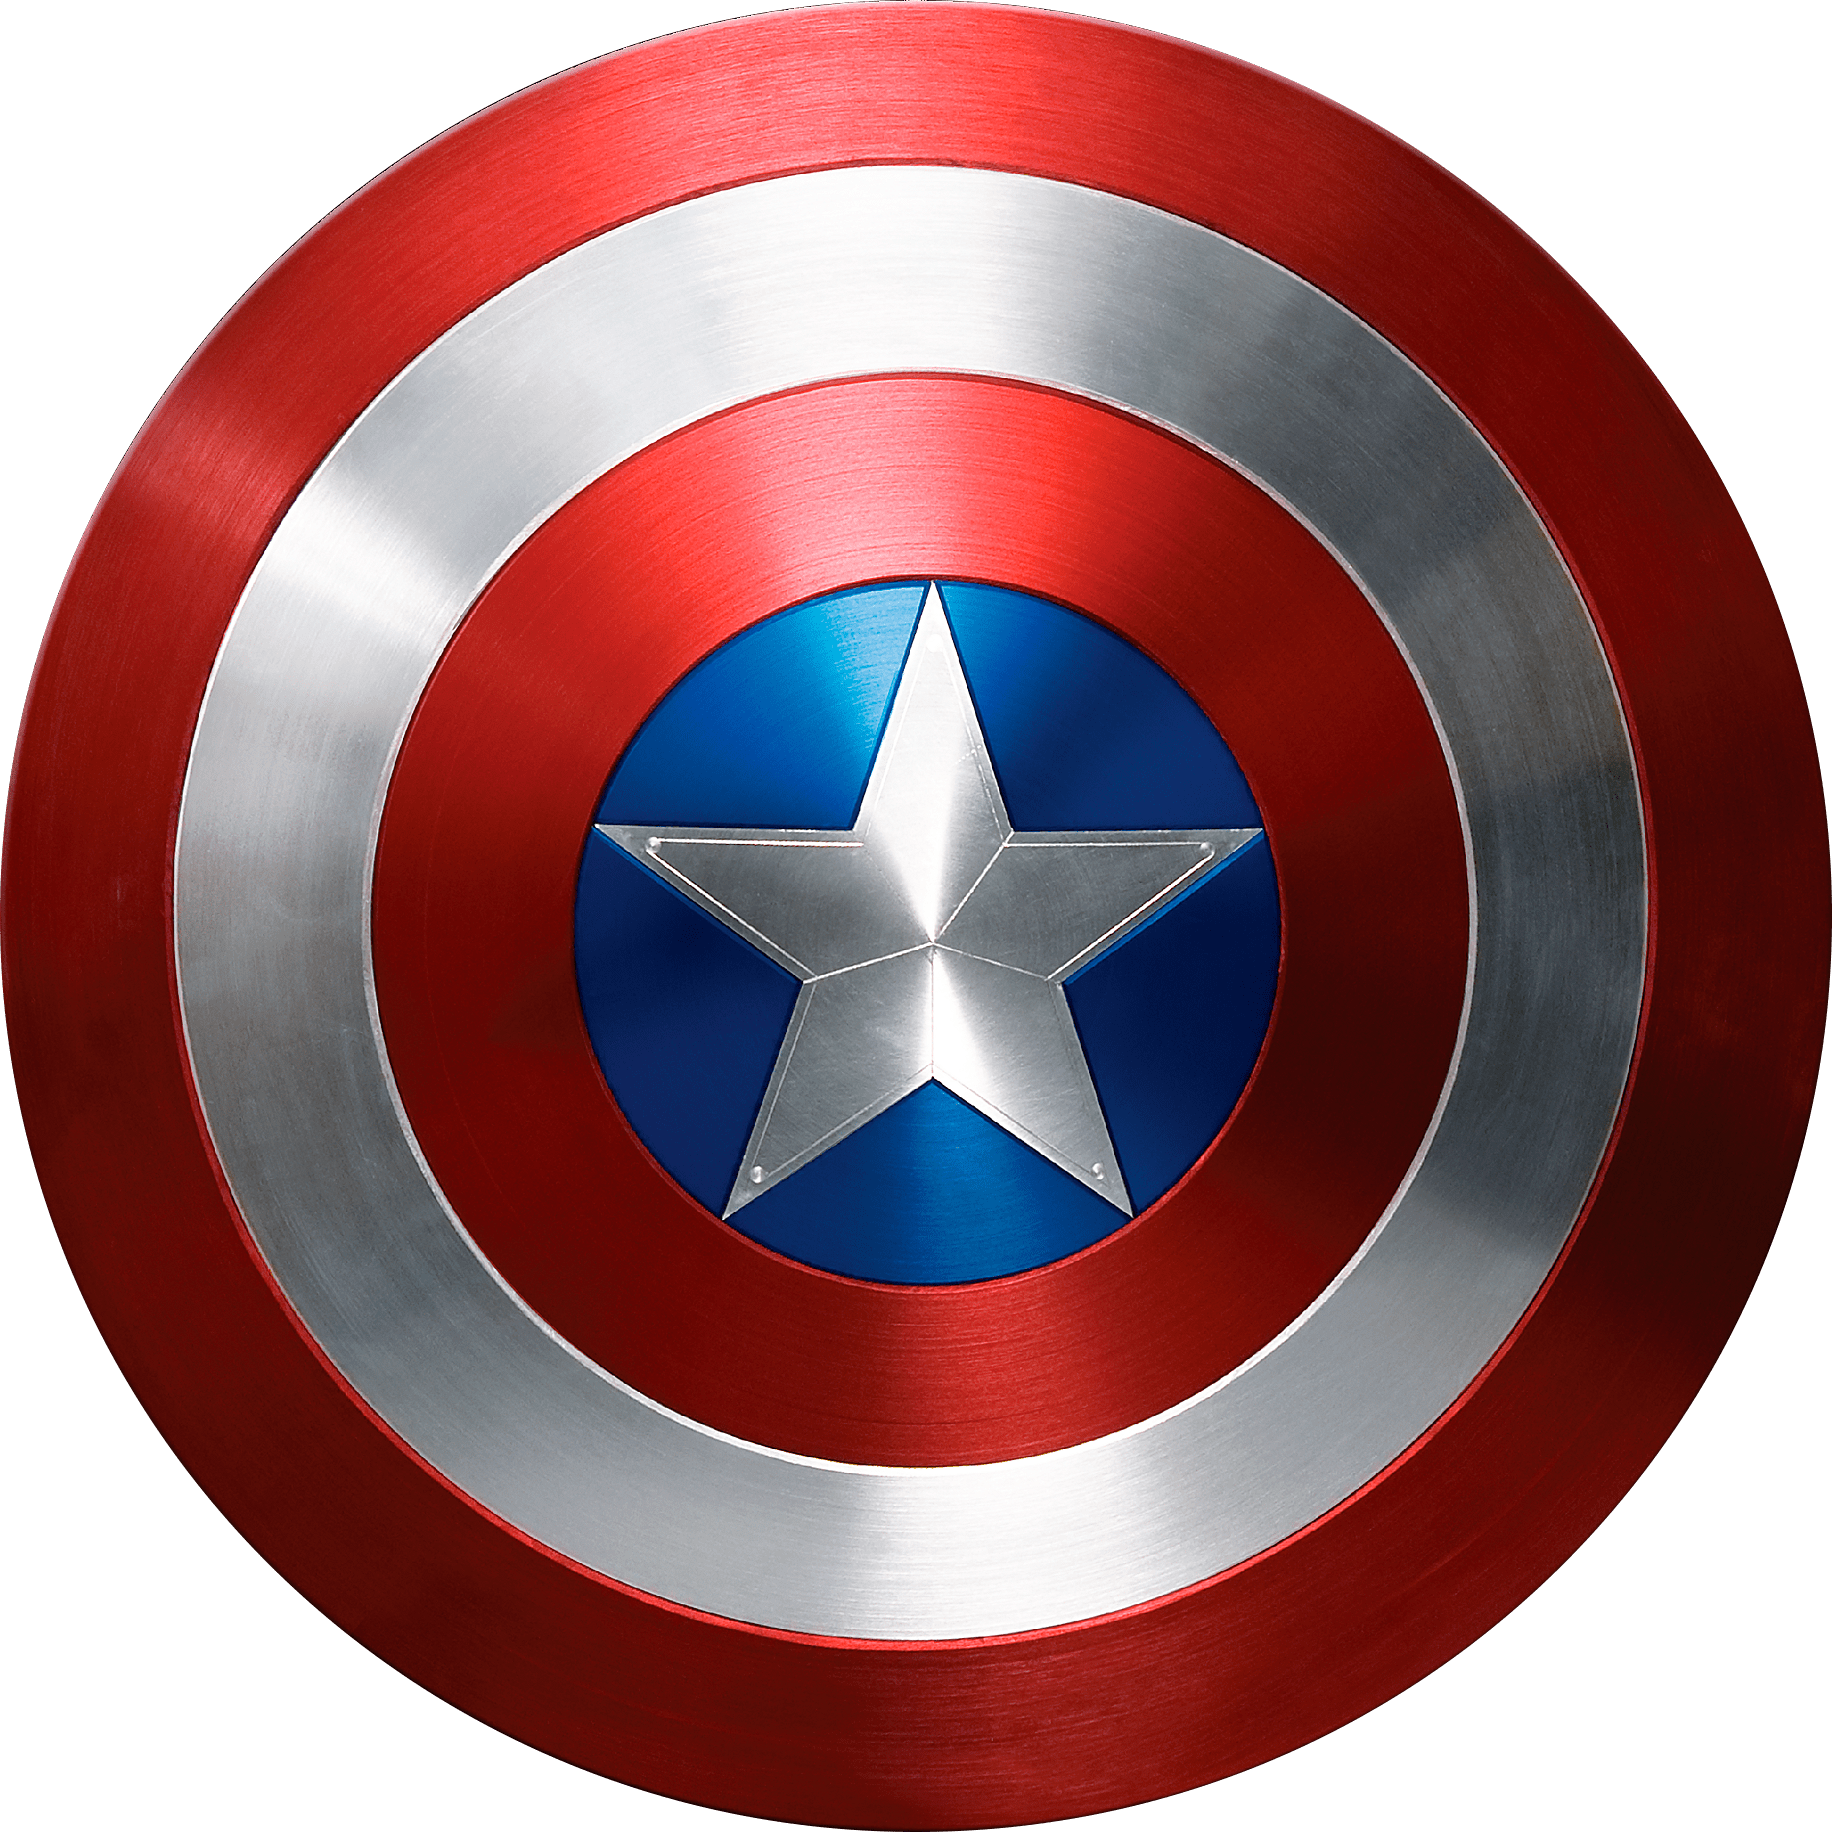 Captain America Photorealistic Shield Captain America Shield.